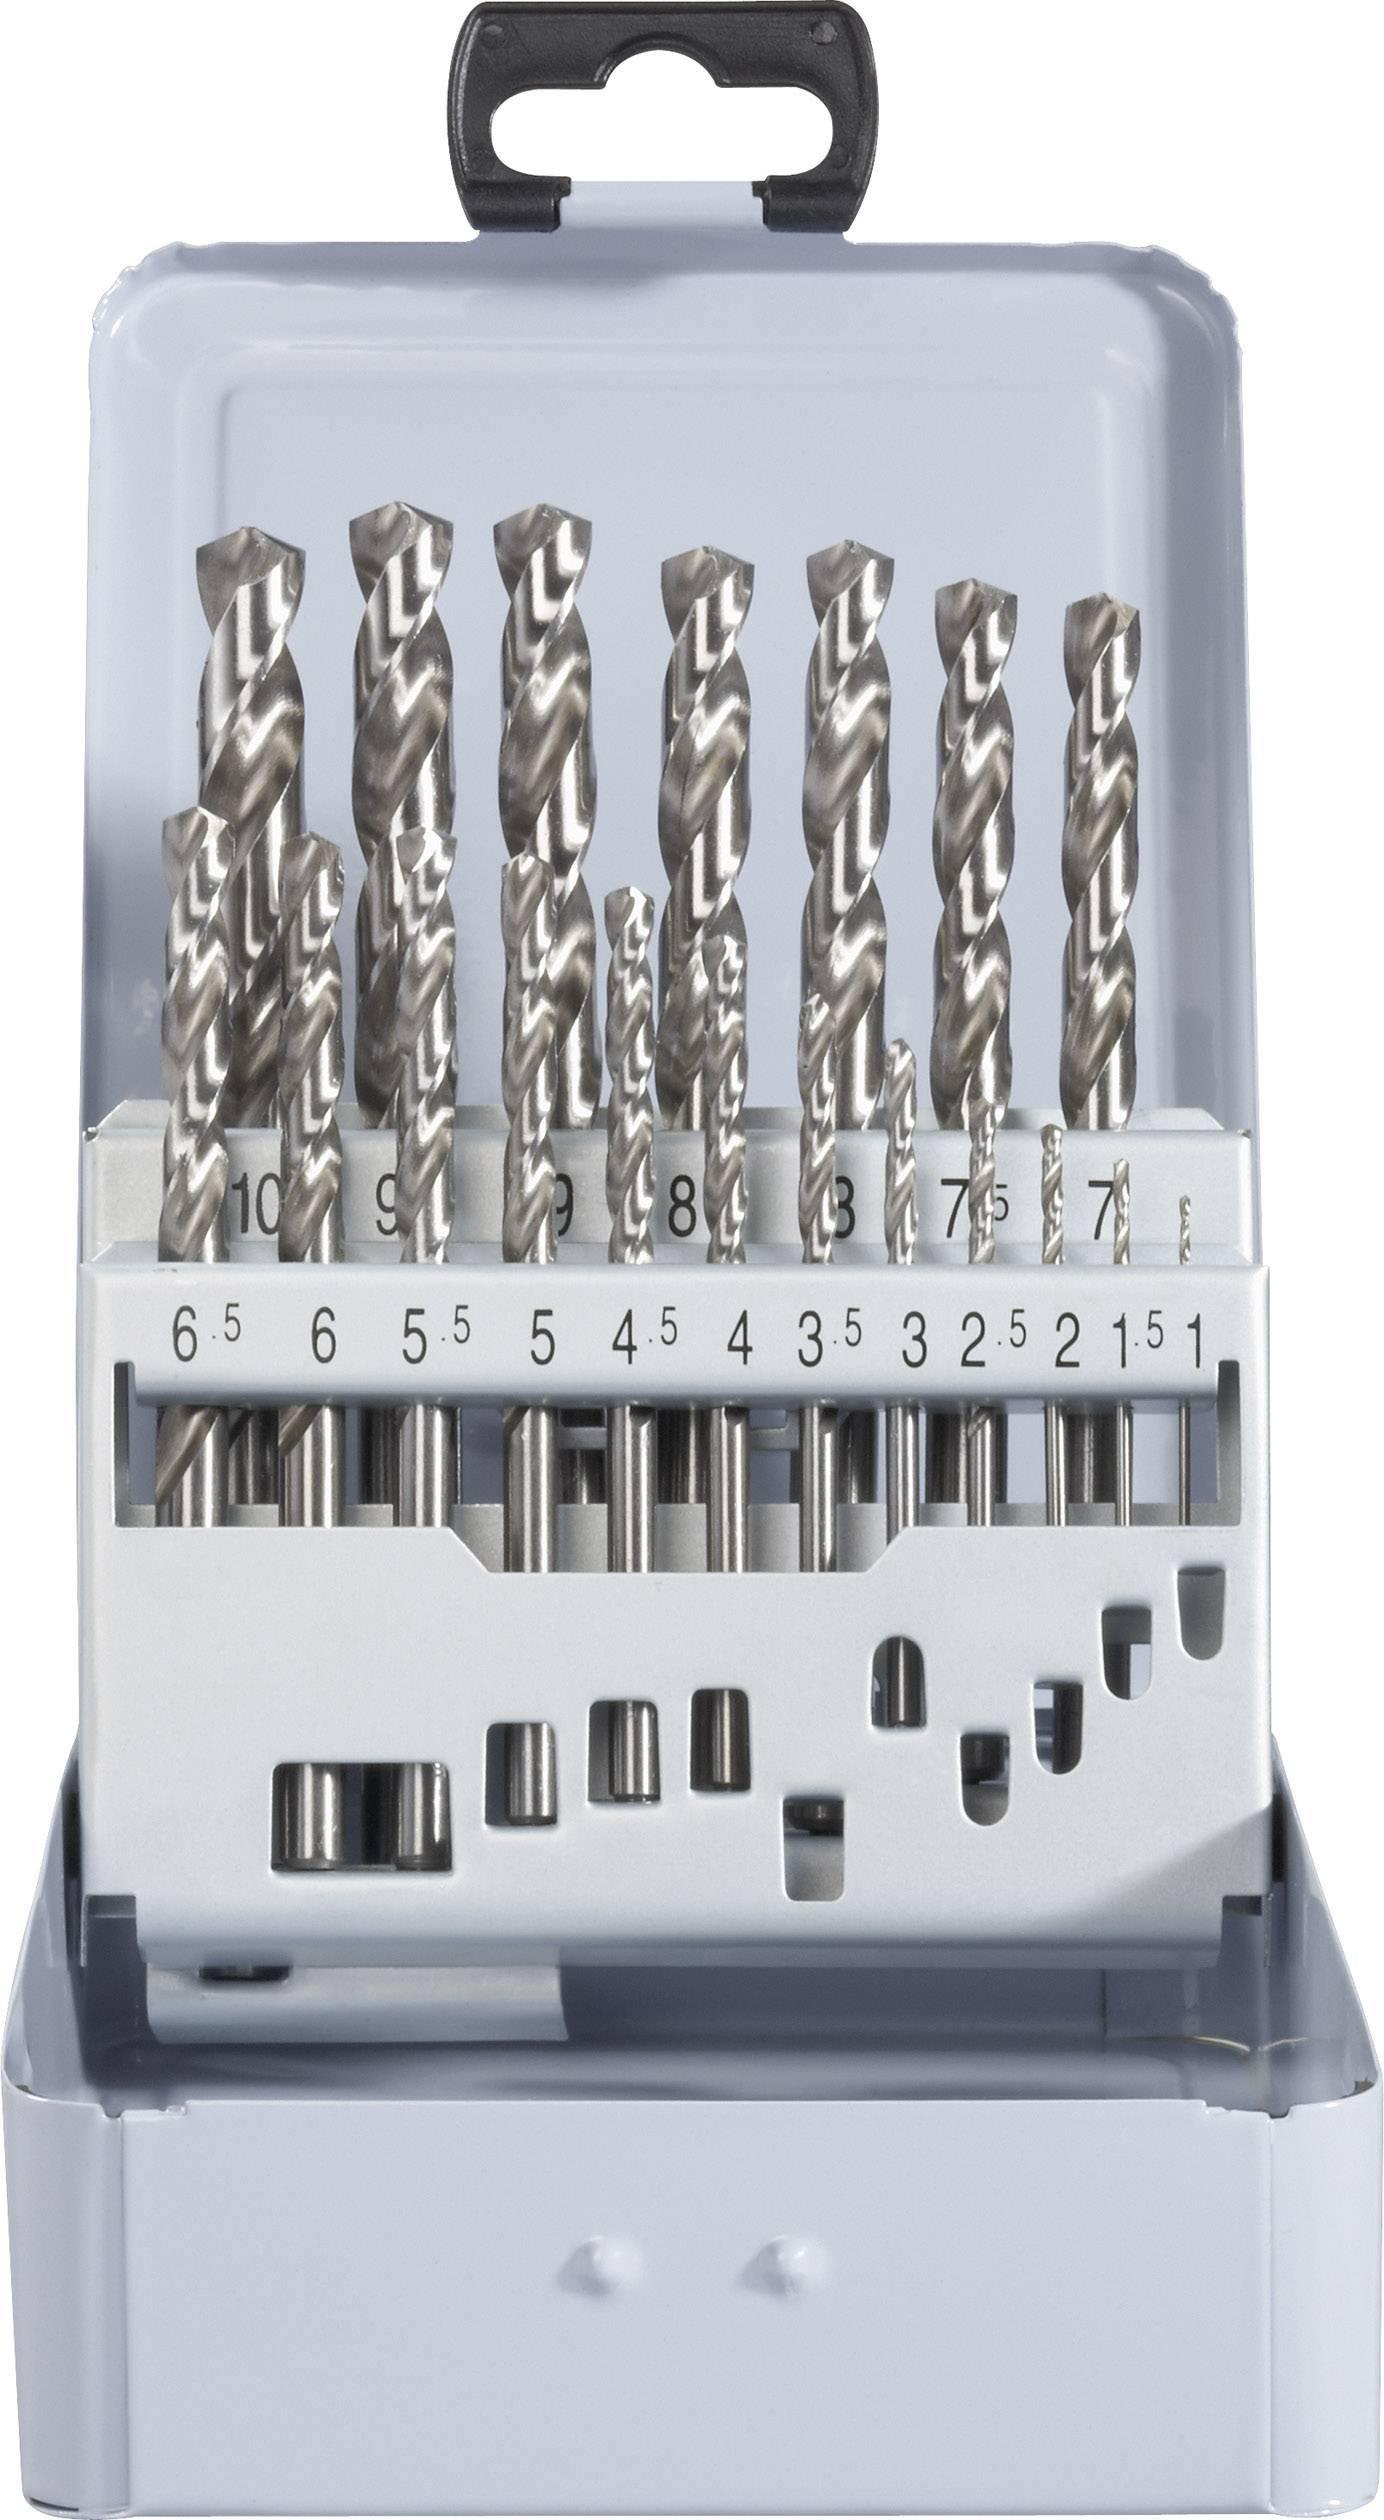 Sada kovového špirálového vrtáka TOOLCRAFT 822600, DIN 338, HSS, 1 sada